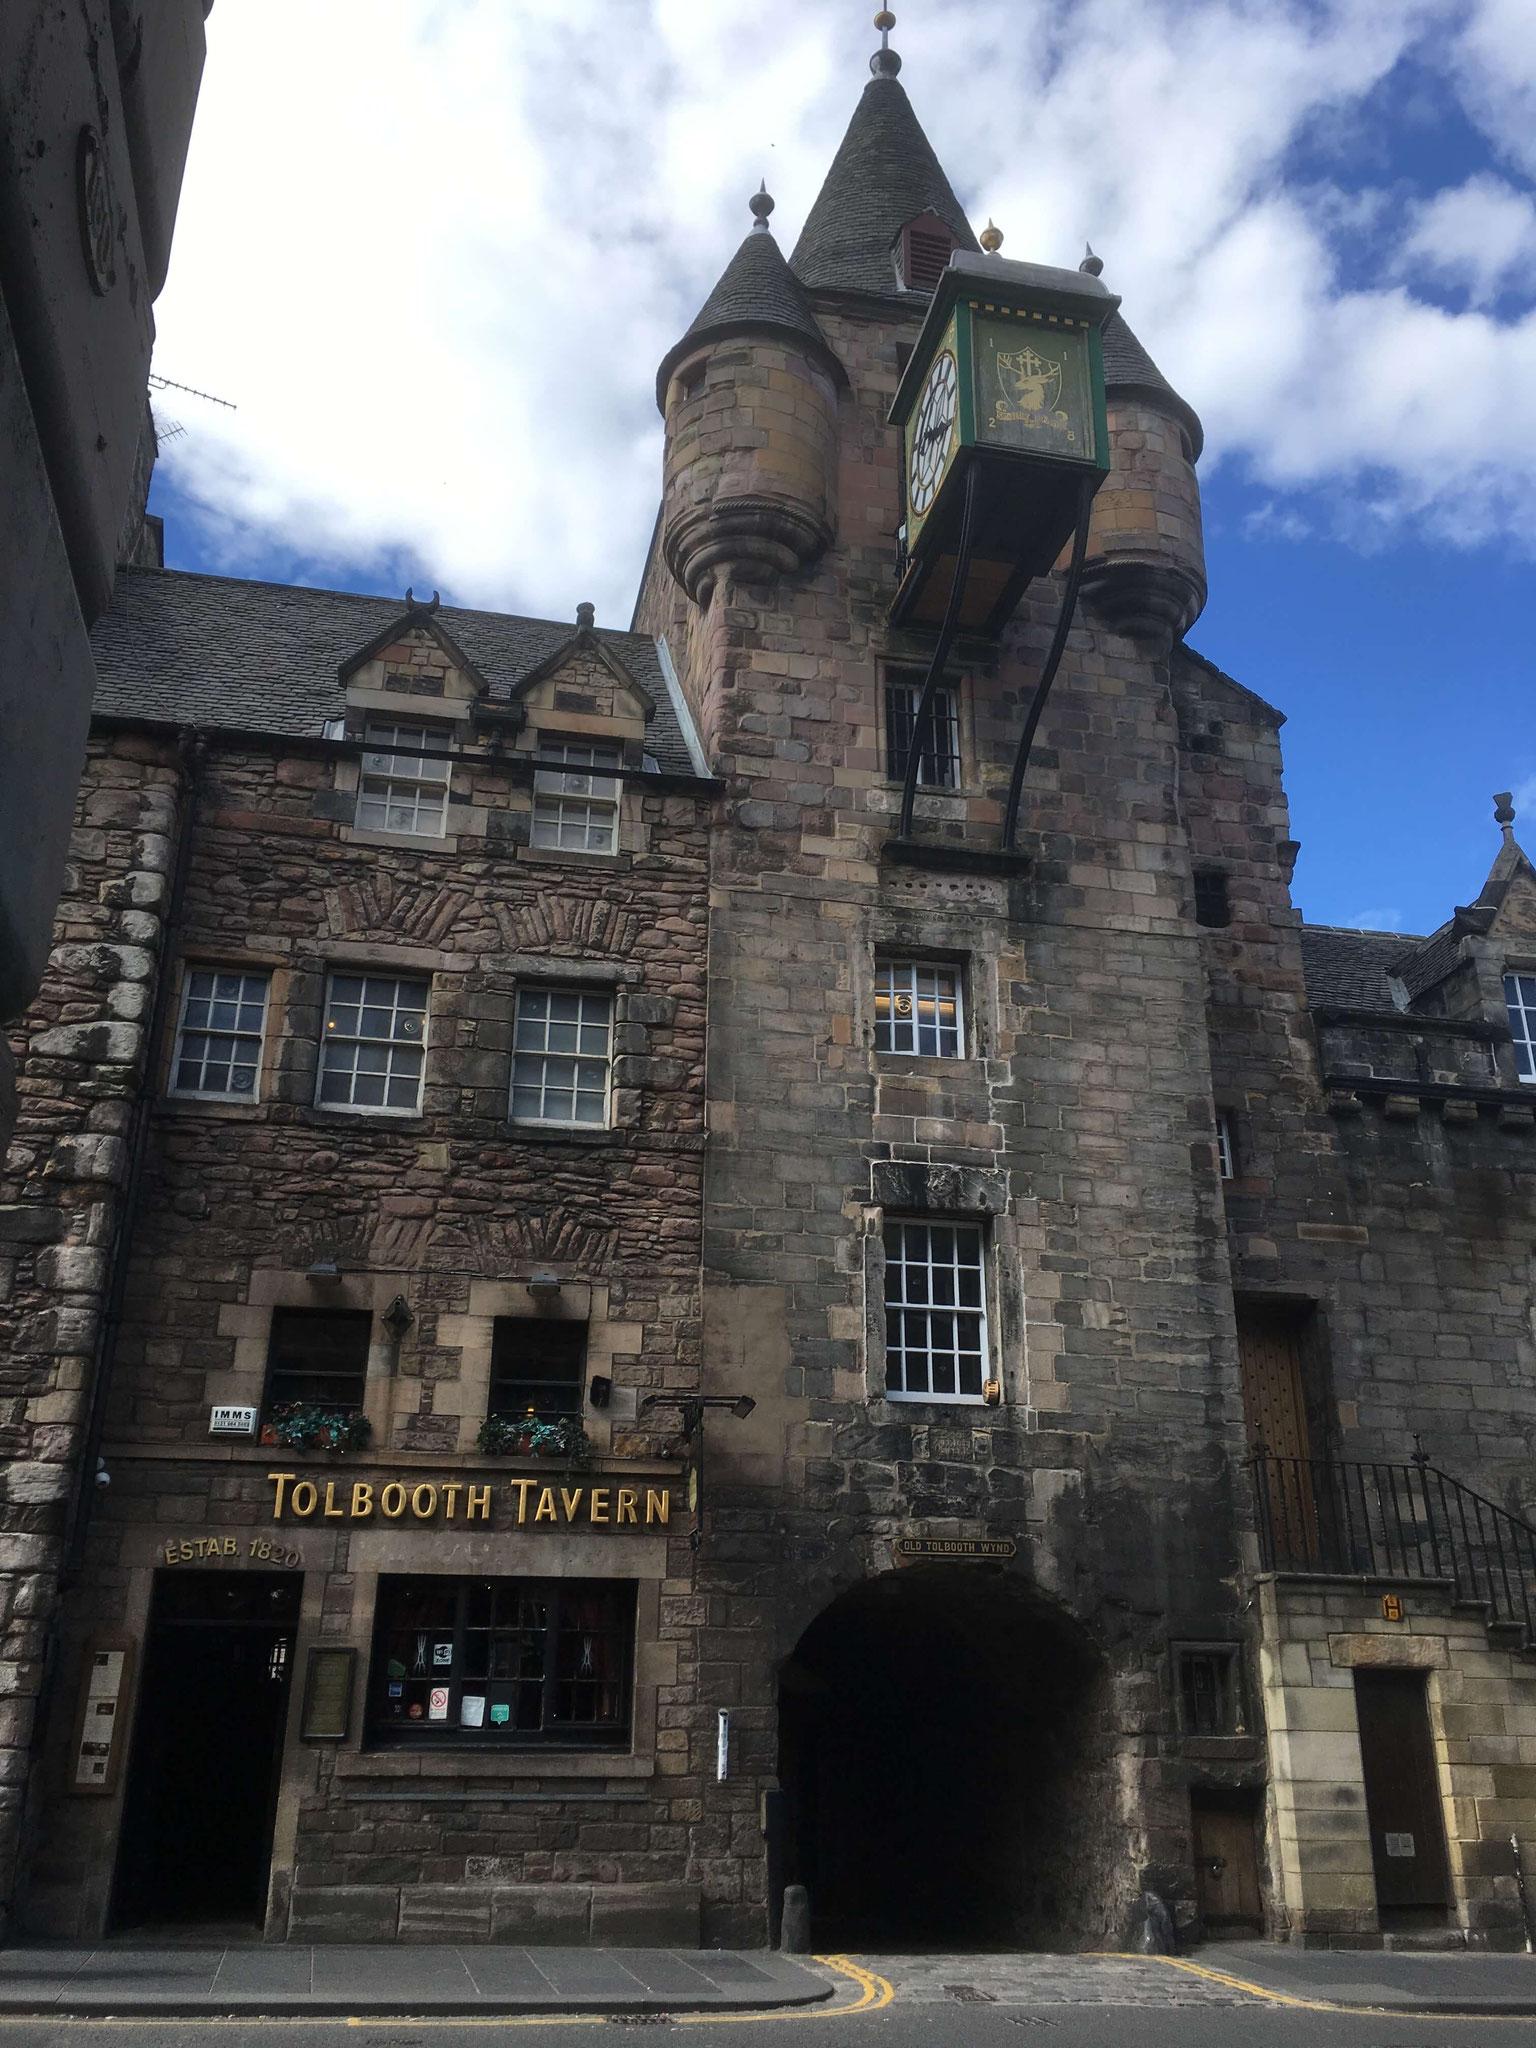 Tolbooth Tavern, Edinburgh